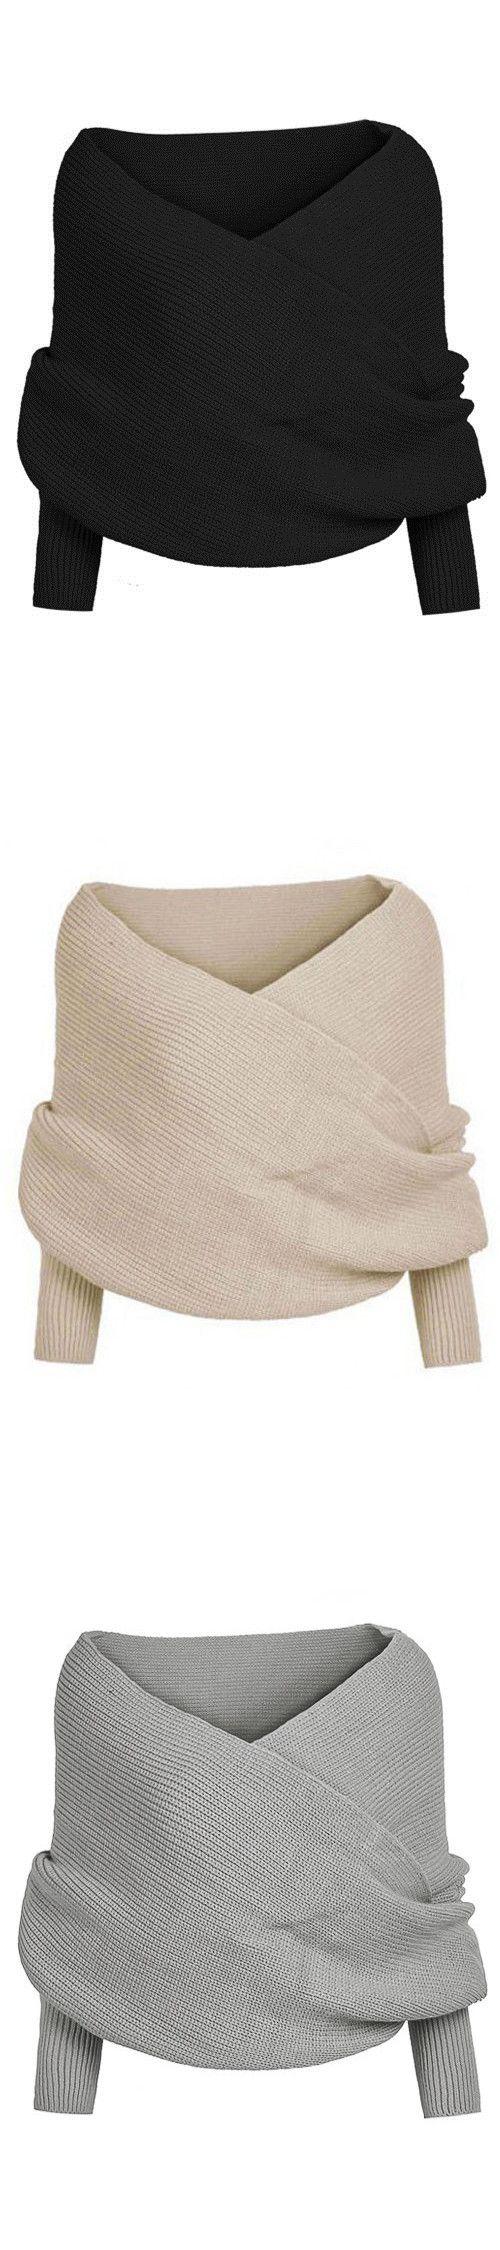 Cross Front Design Knit Cape